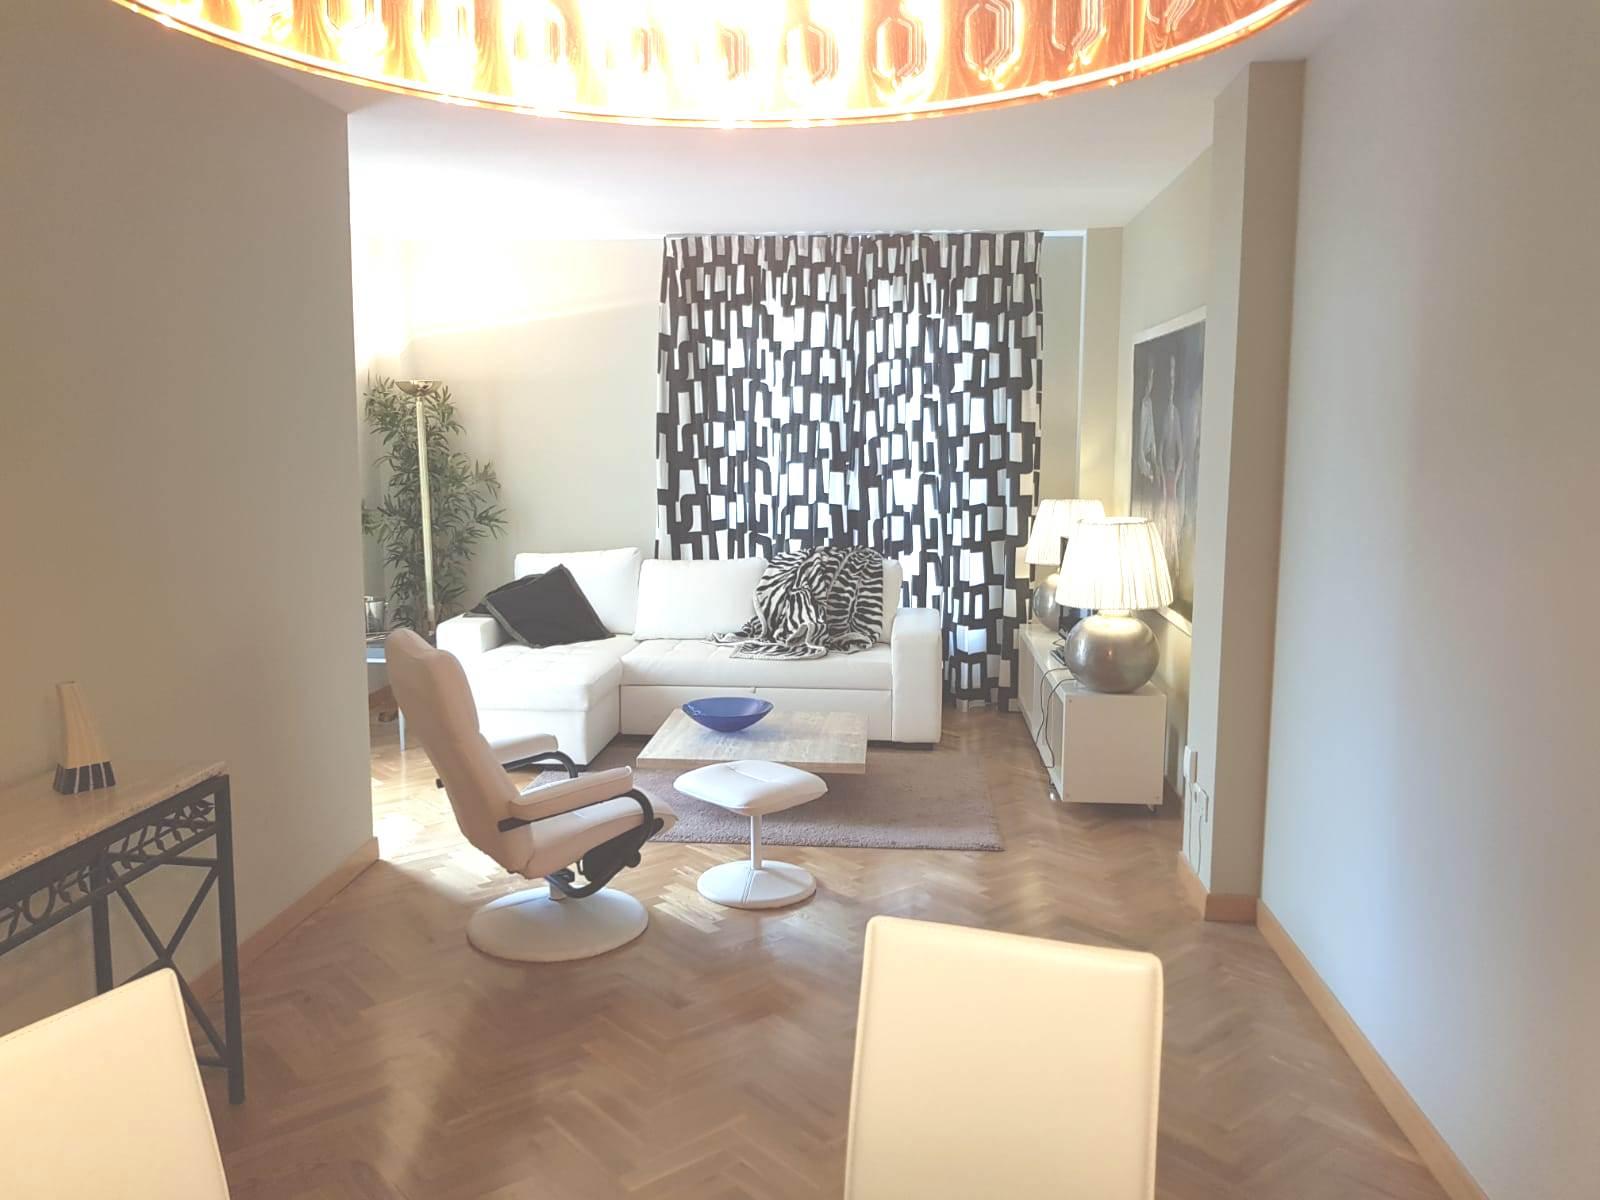 Sofa at Castillo 20 Apartment, Trafalgar, Madrid